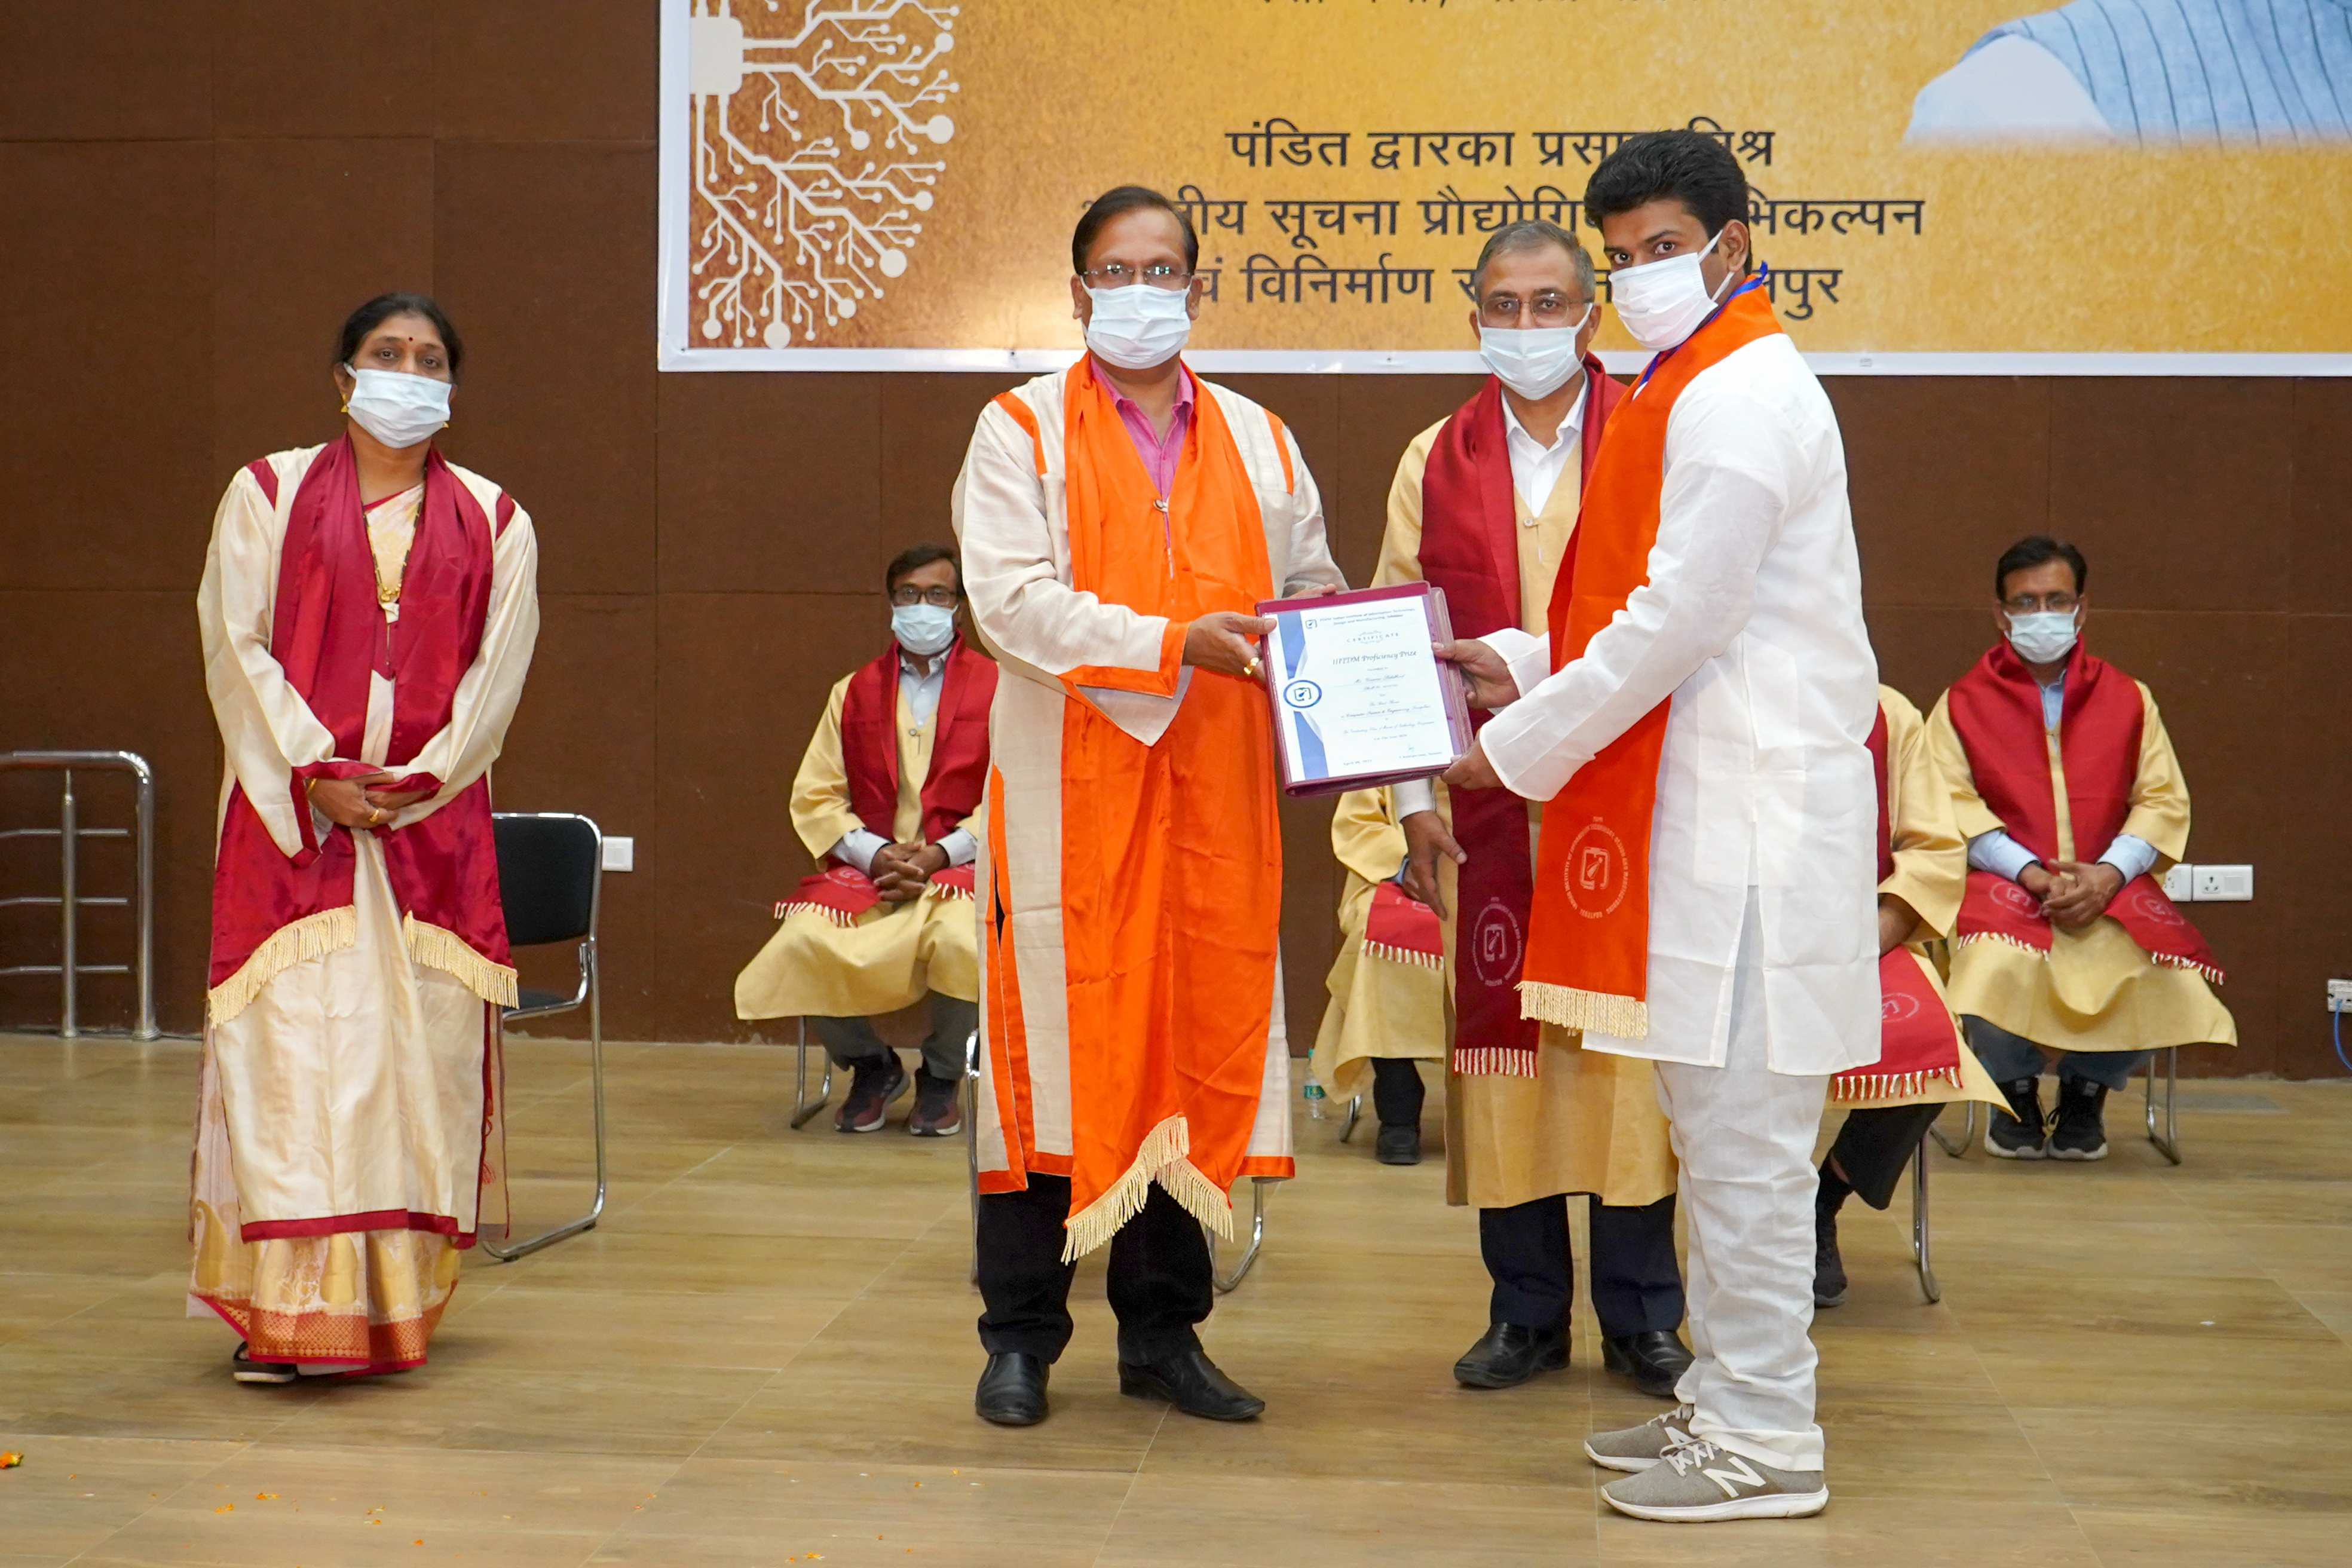 IIITDM In Jabalpur: बेहतर प्रदर्शन के लिए मिला स्वर्ण पदक, उपाधि पाकर खिले विद्यार्थियों के चेहरे